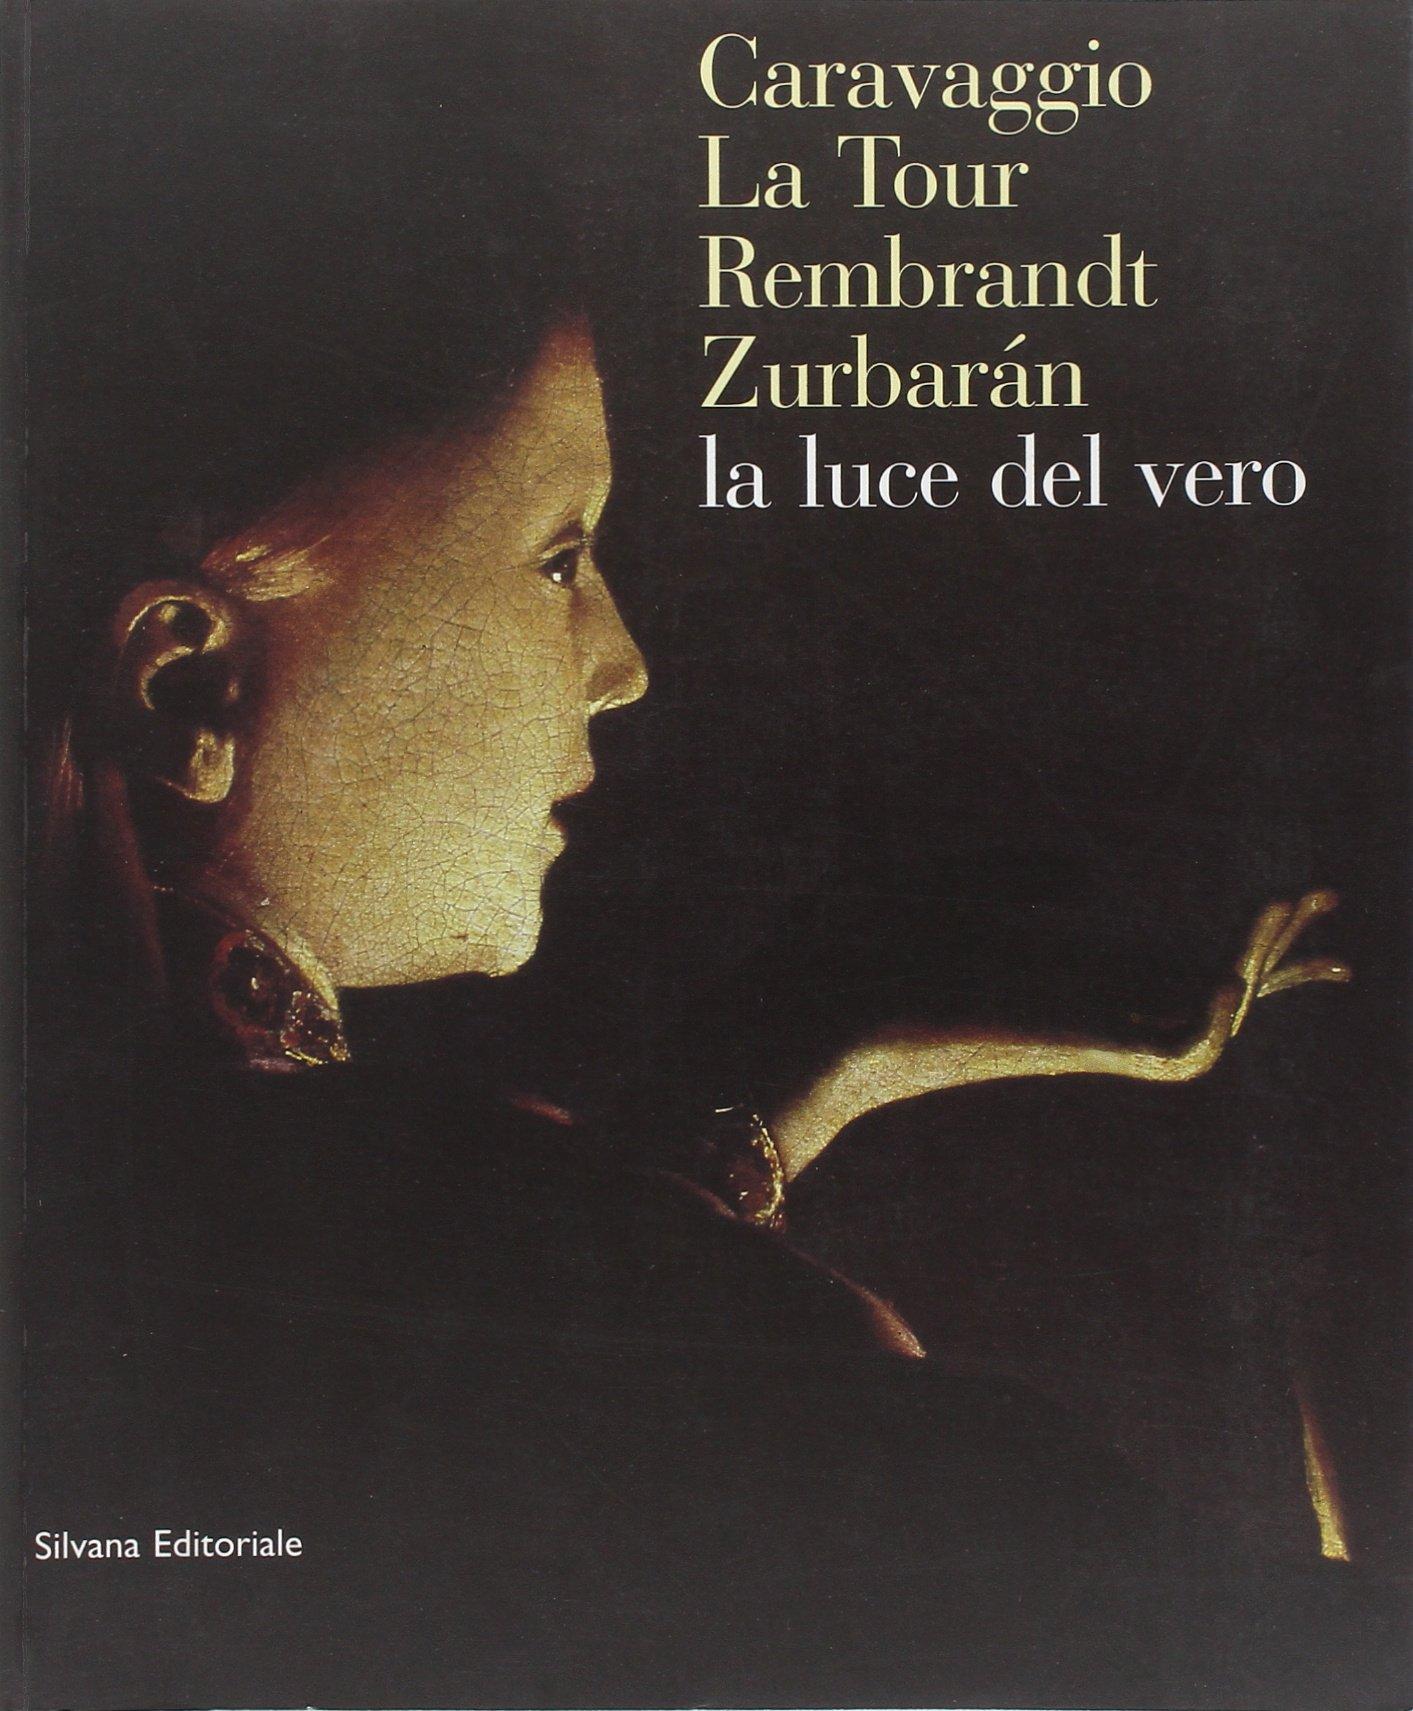 la luce del vero caravaggio la tour rembrandt zurbaran italian edition